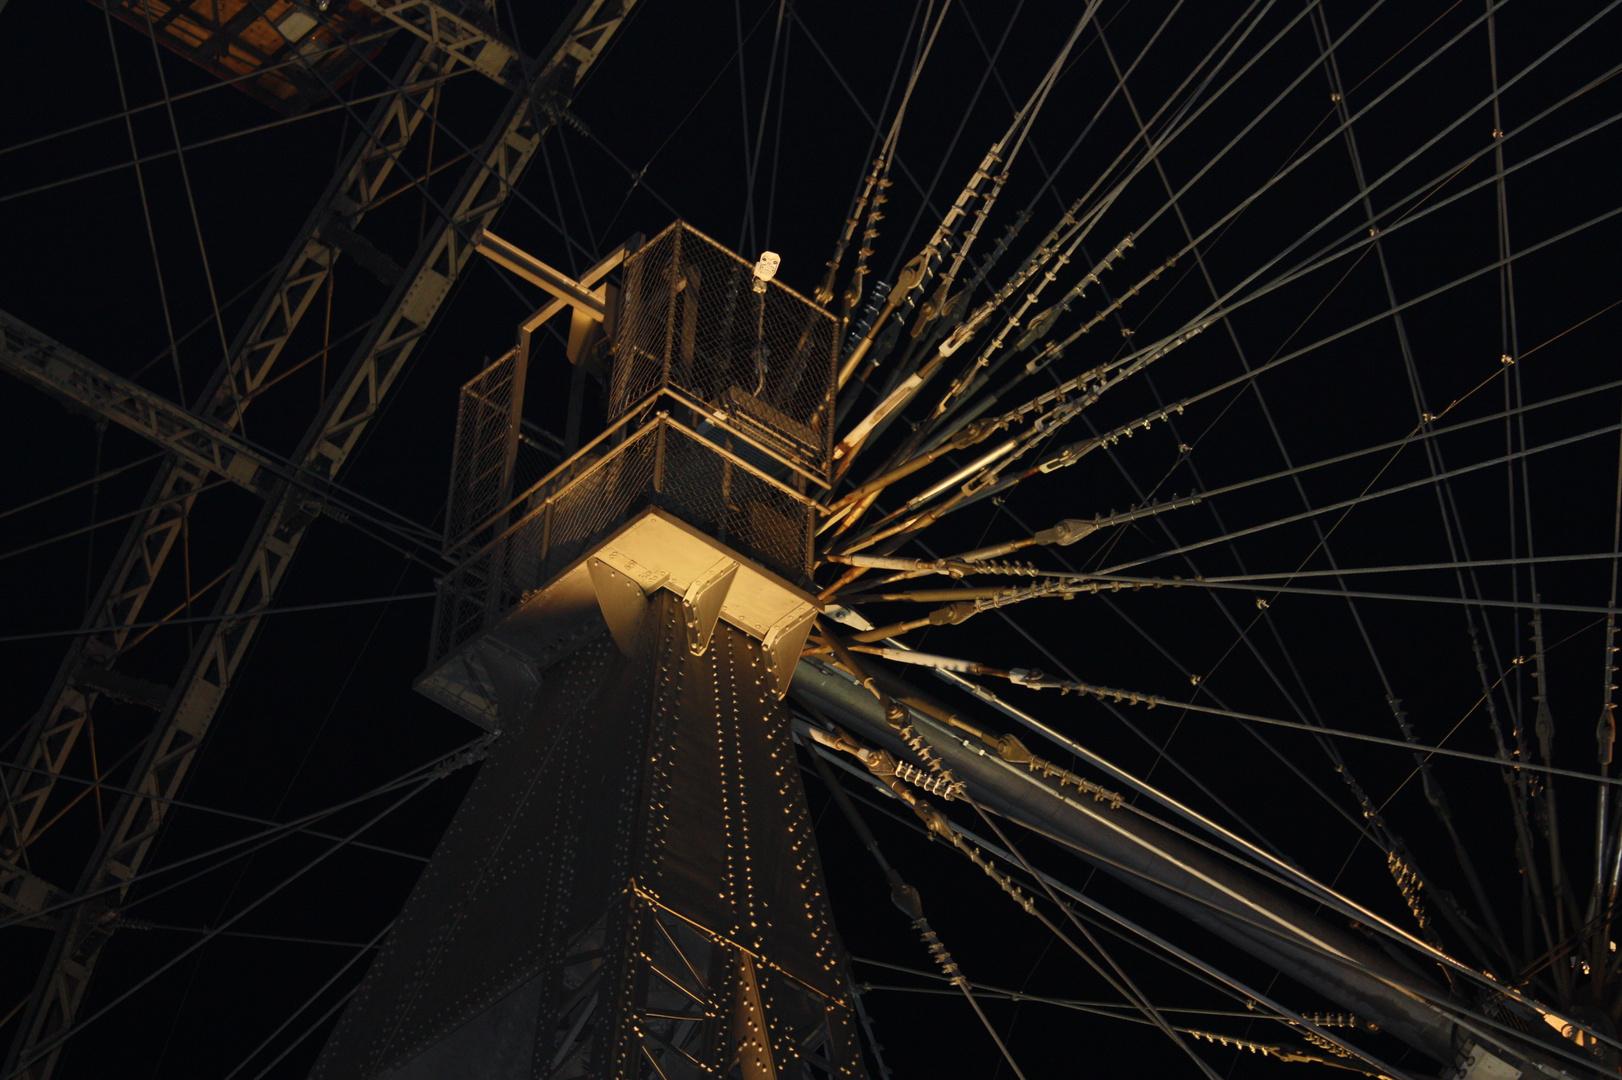 Nachtaufnahme vom Riesenrad in WIEN